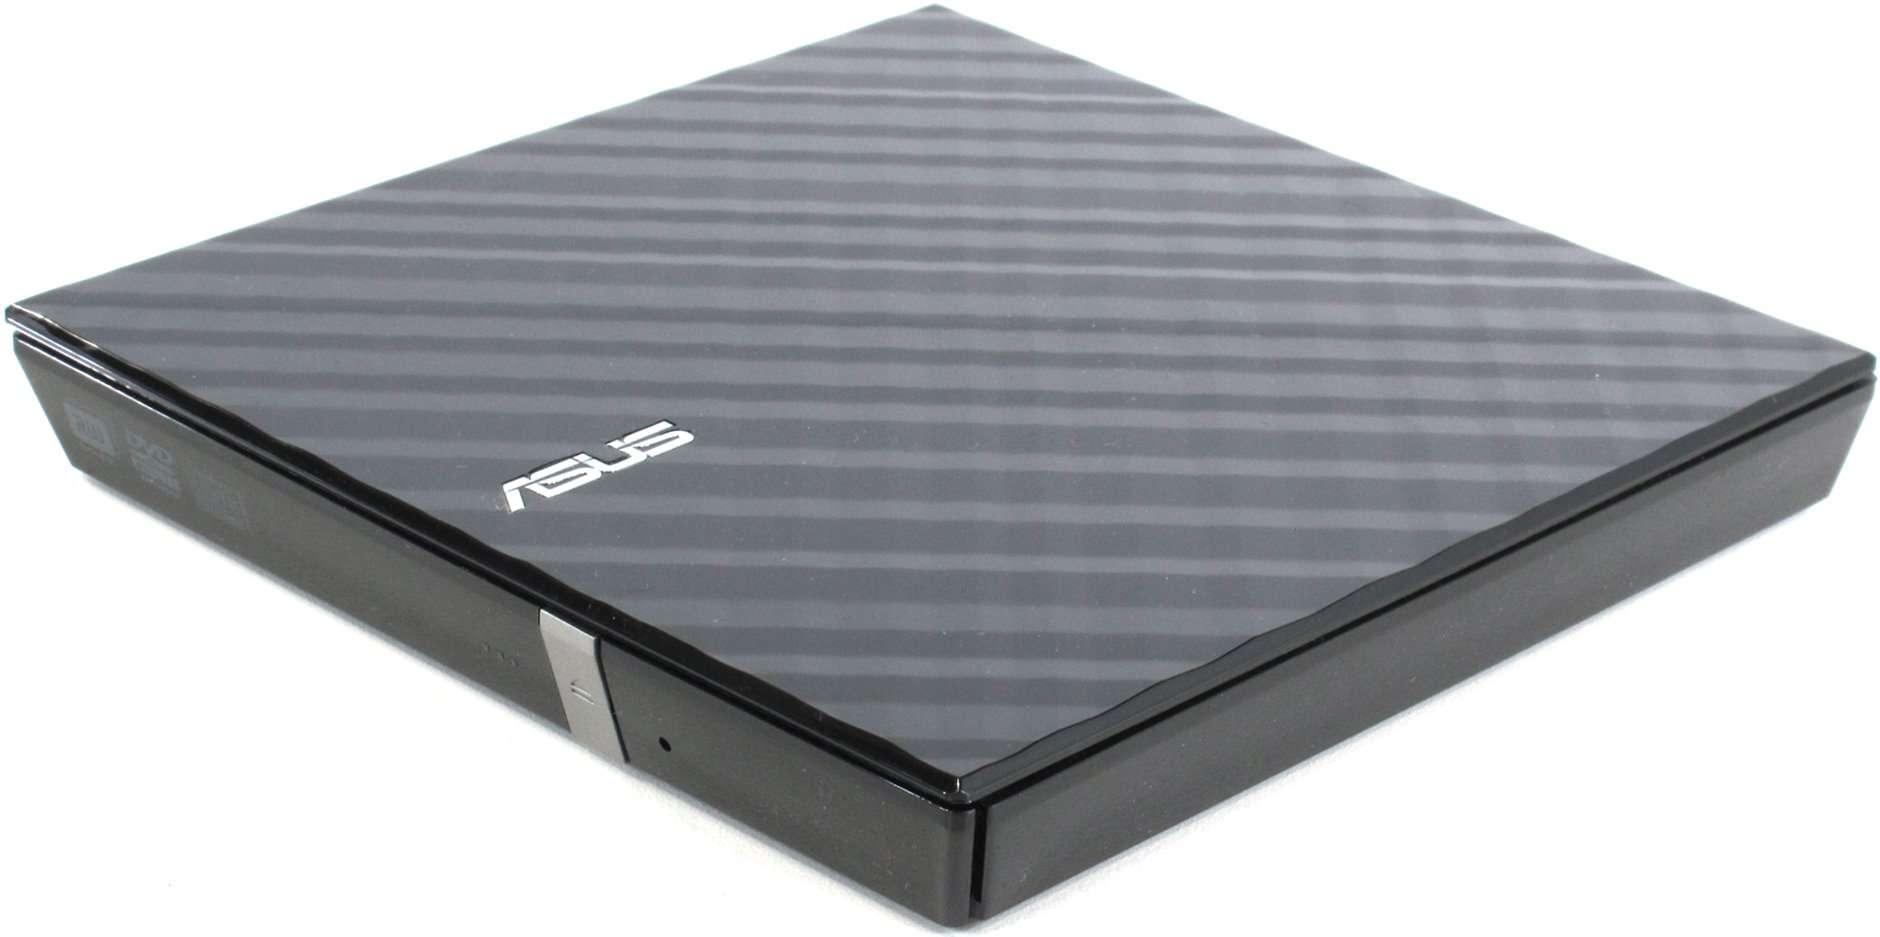 Зовнішній дисковод для ноутбука: особливості, популярні моделі